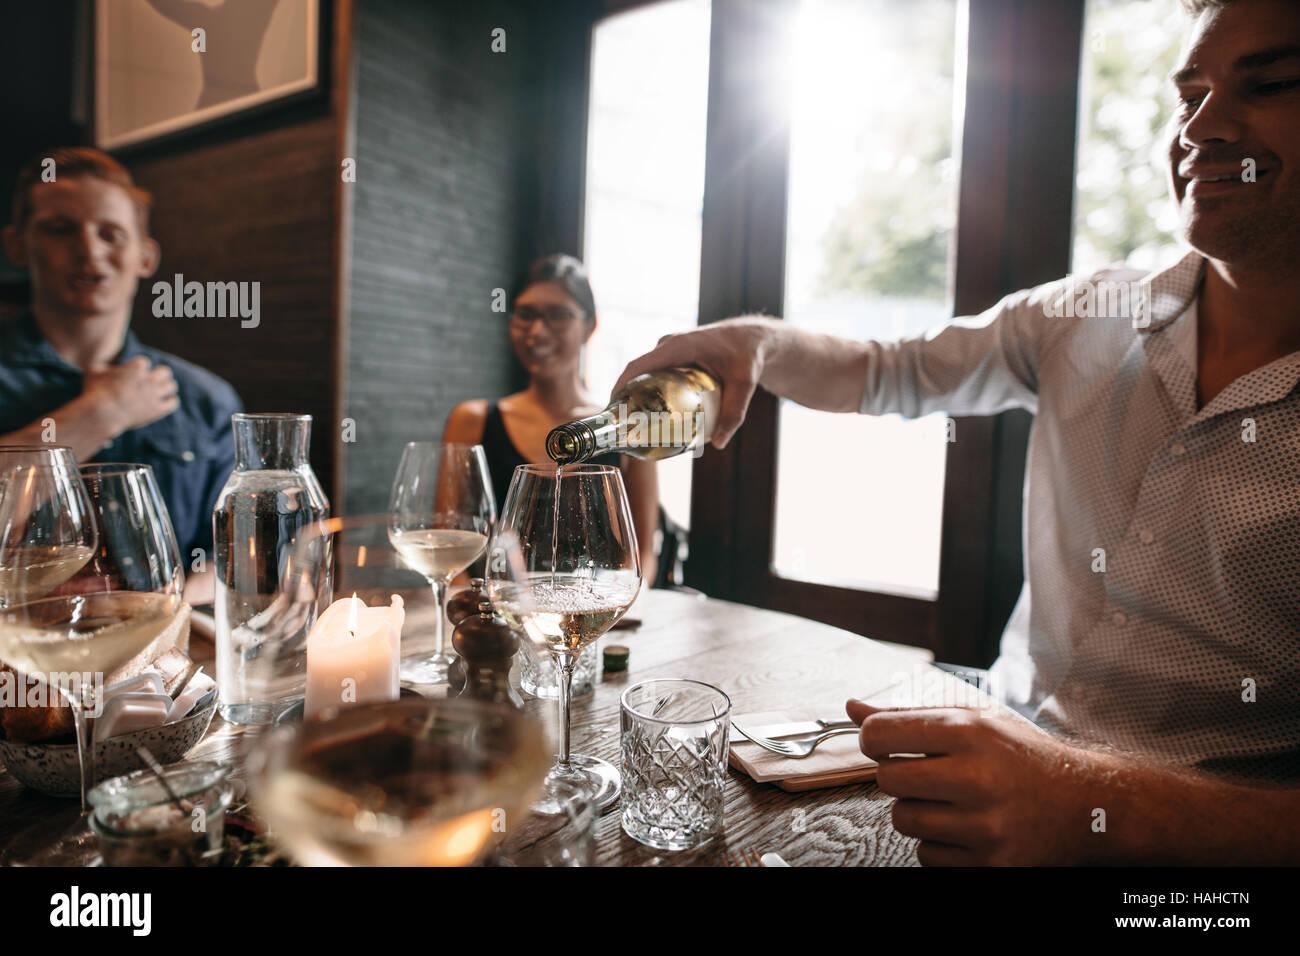 Gruppo di amici gustando un pasto con il vino al ristorante. Felice giovane versando il vino in bicchieri. Immagini Stock